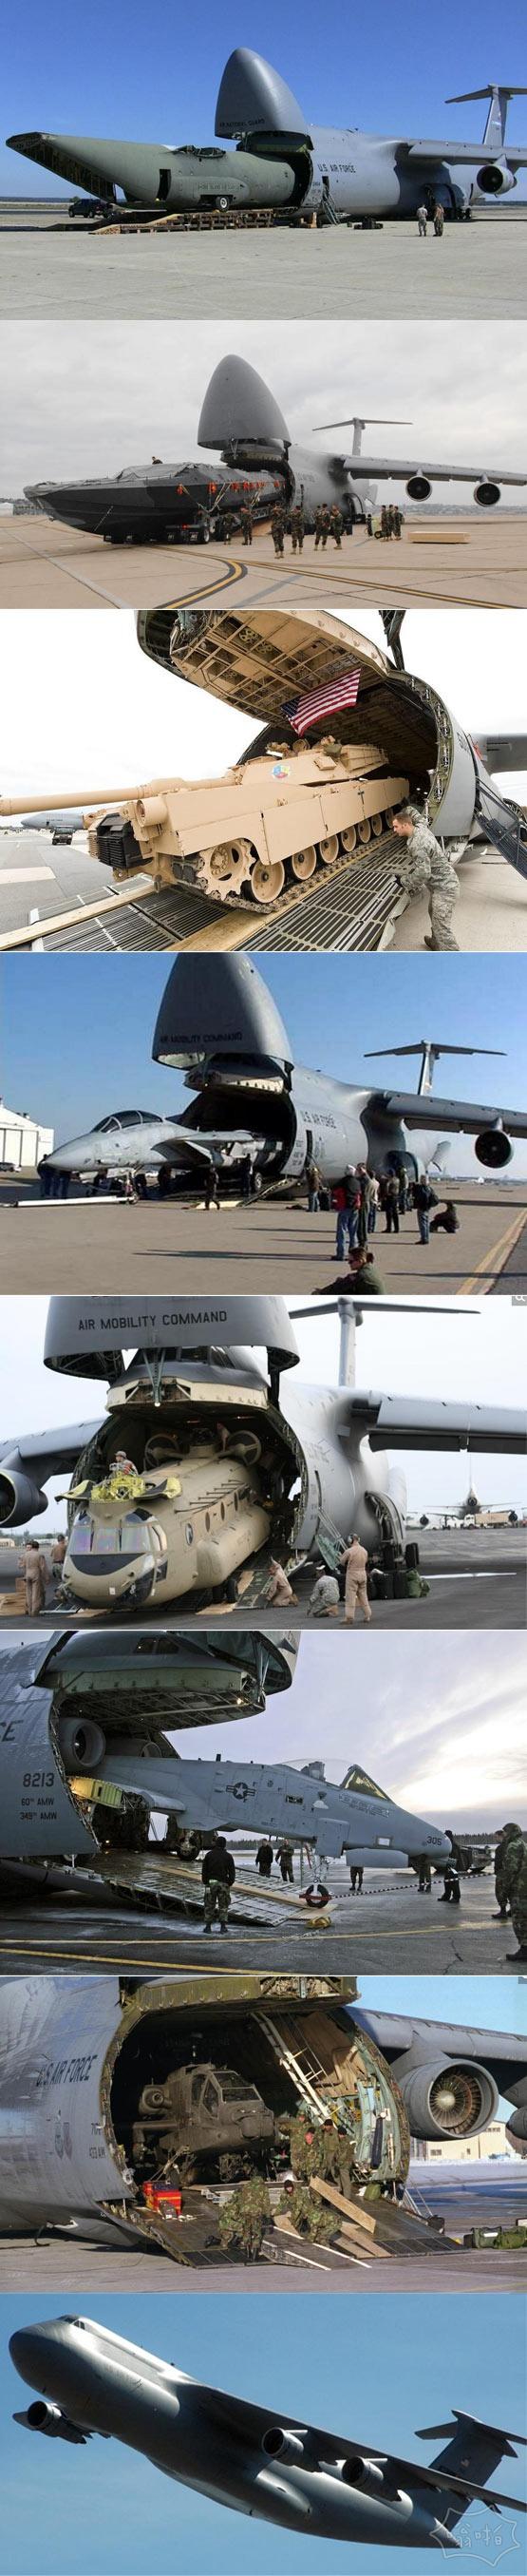 见识下美军C-5(银河)运输机的强大吞吐能力